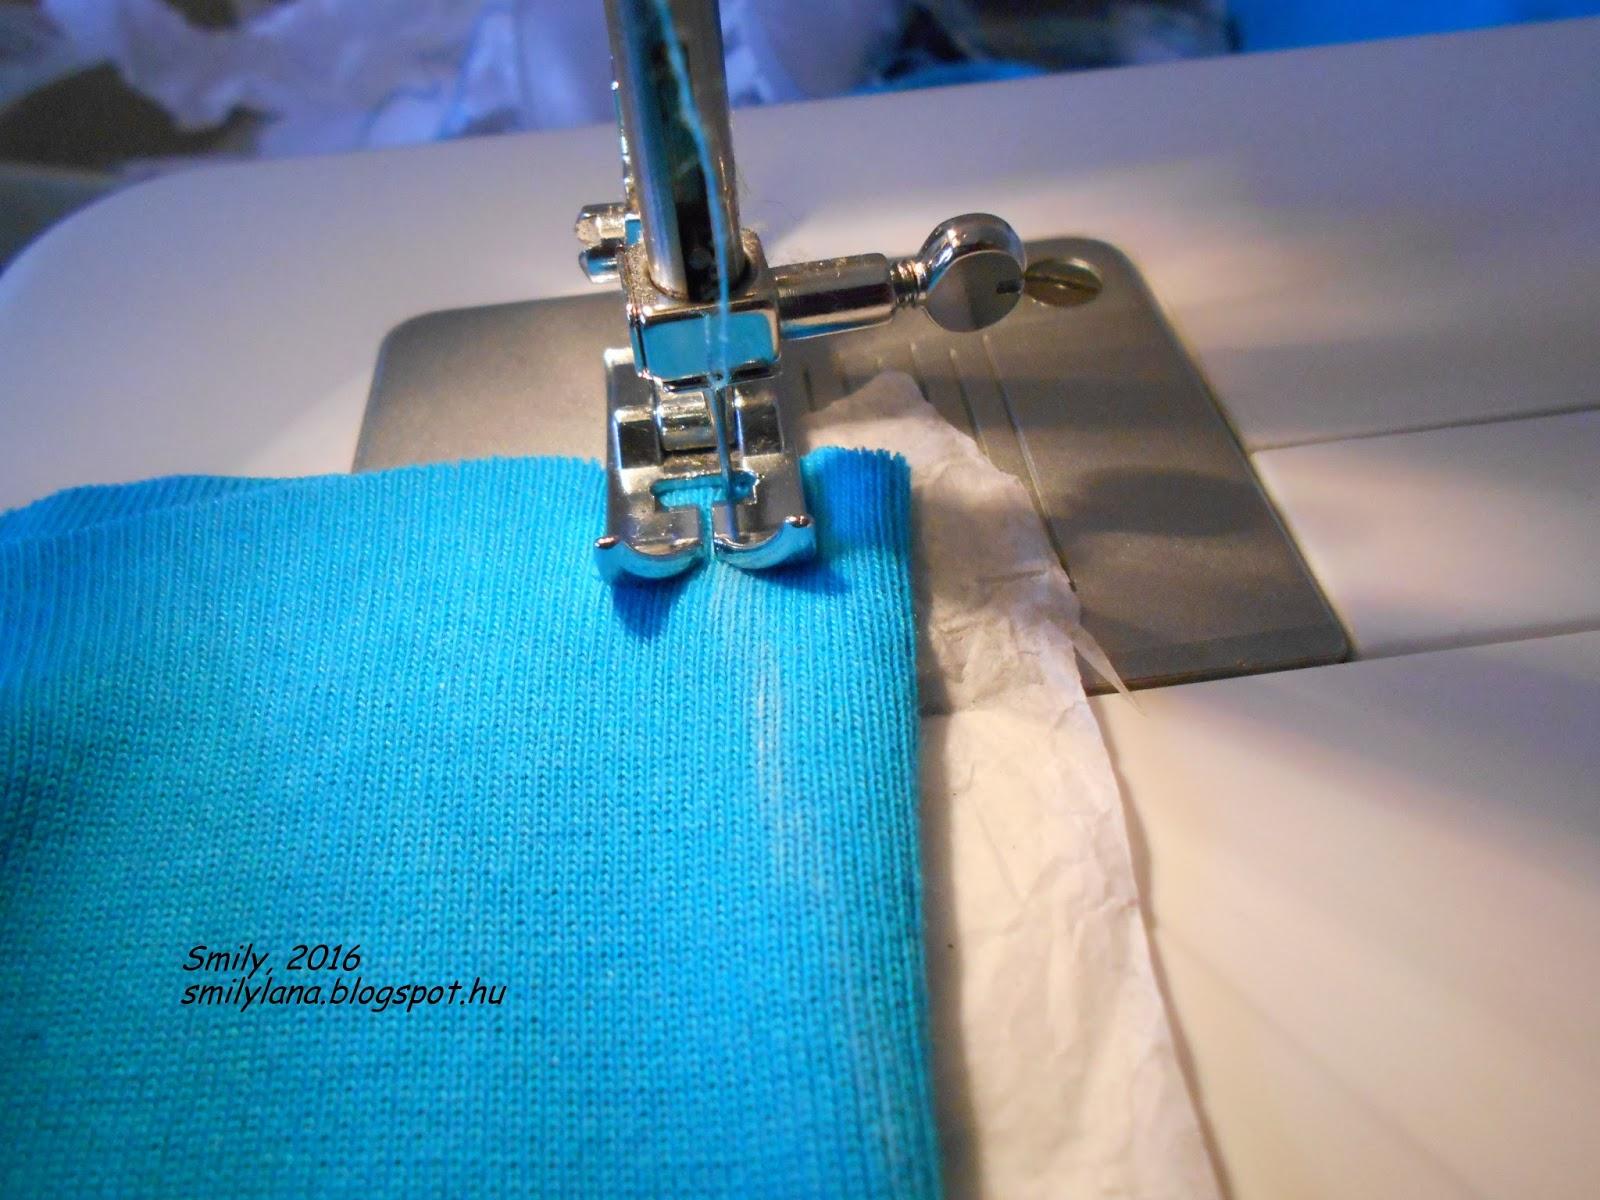 Как шить трикотаж на обычной швейной машине: все о трикотажном шве 89